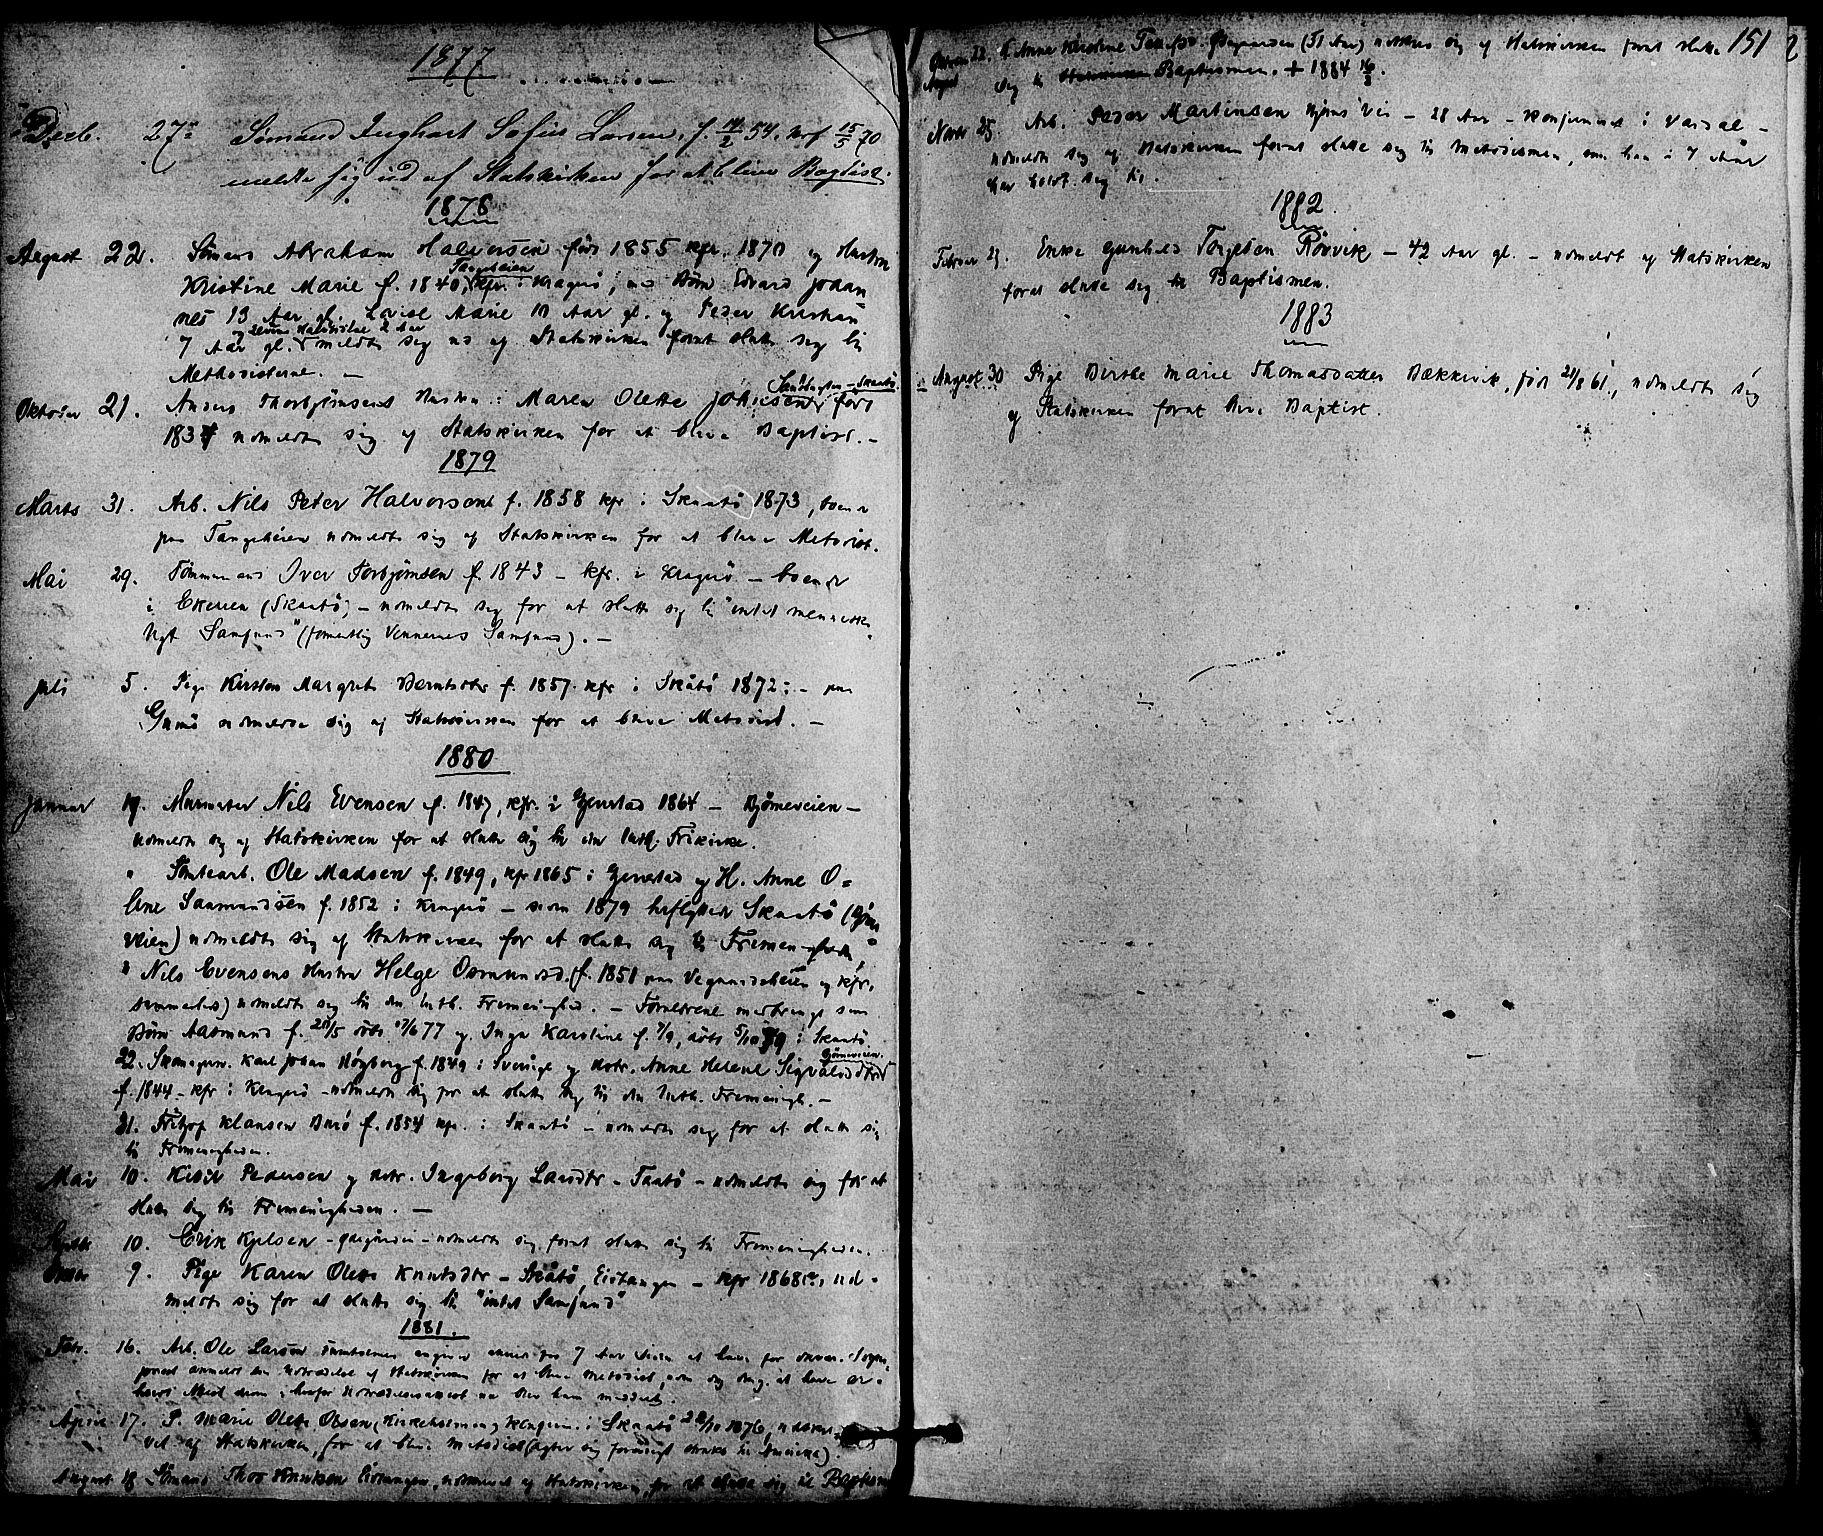 SAKO, Skåtøy kirkebøker, F/Fa/L0001: Ministerialbok nr. I 1, 1874-1883, s. 151